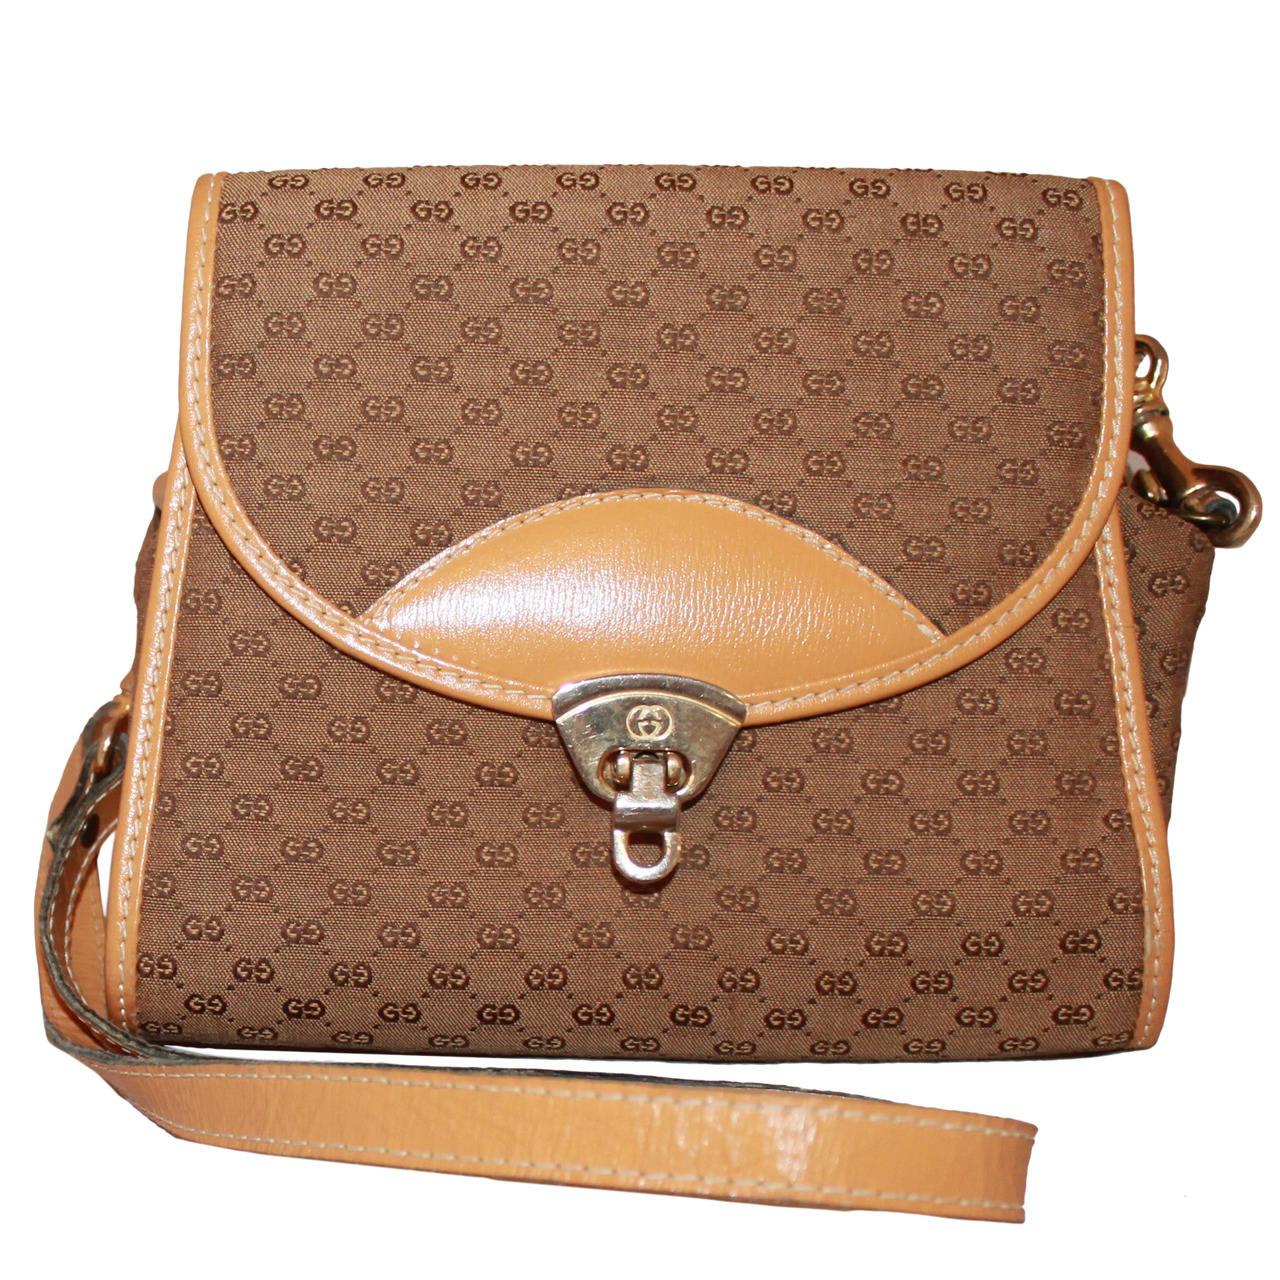 gucci vintage monogram handbag with strap for sale at 1stdibs